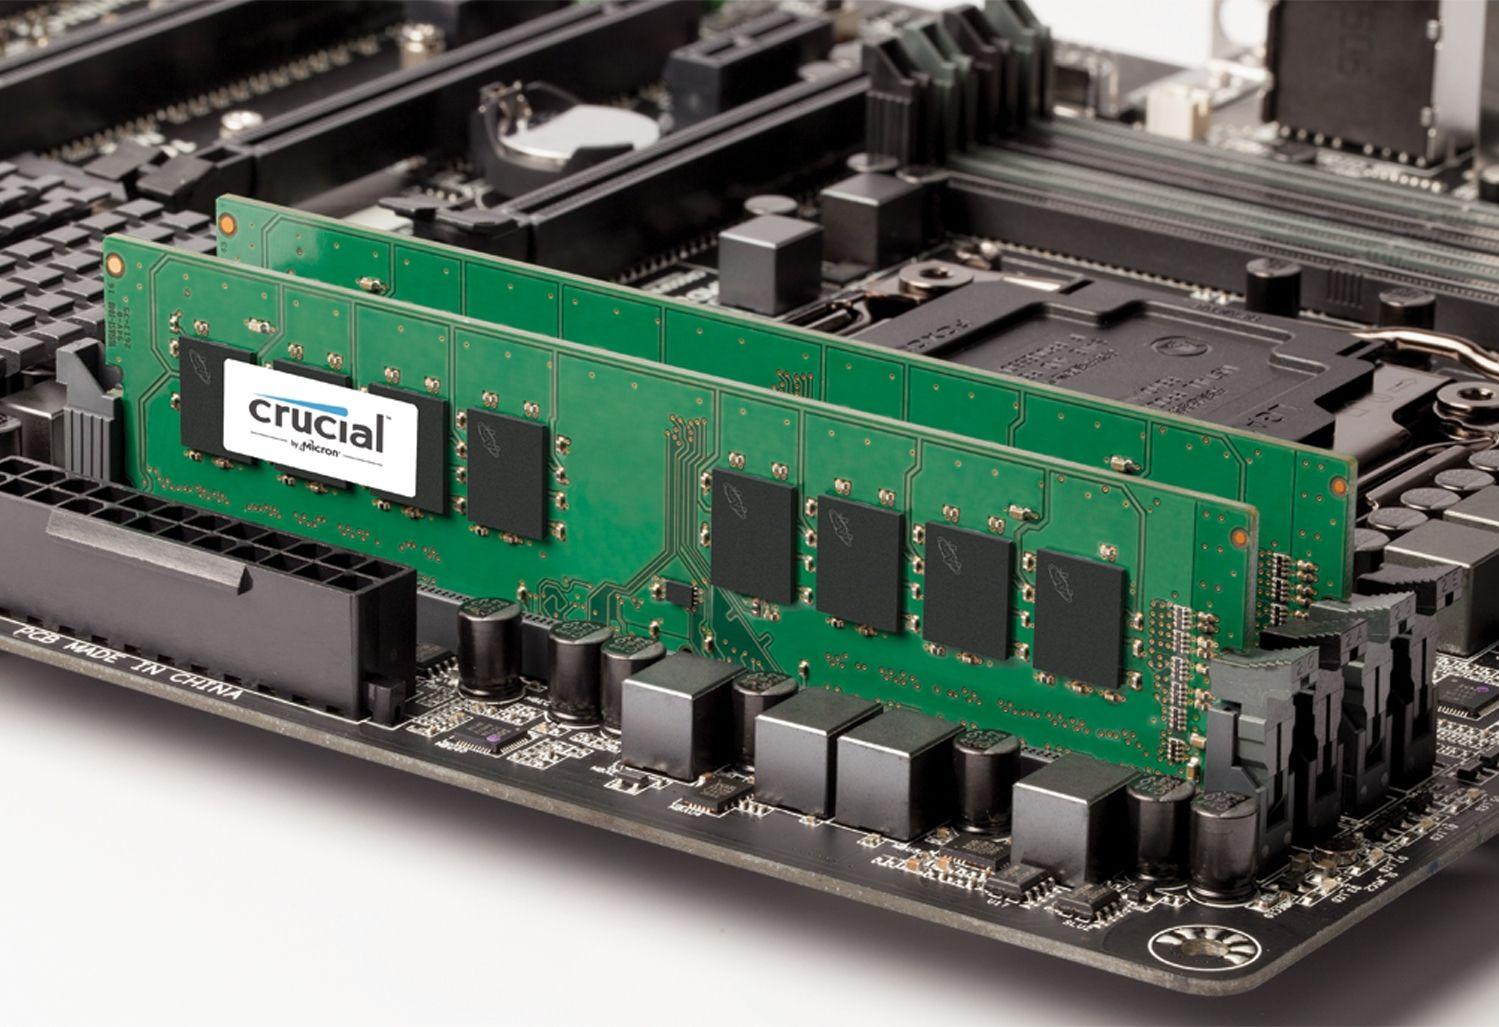 マザーボードに設置される2つのCrucial RAMメモリモジュール